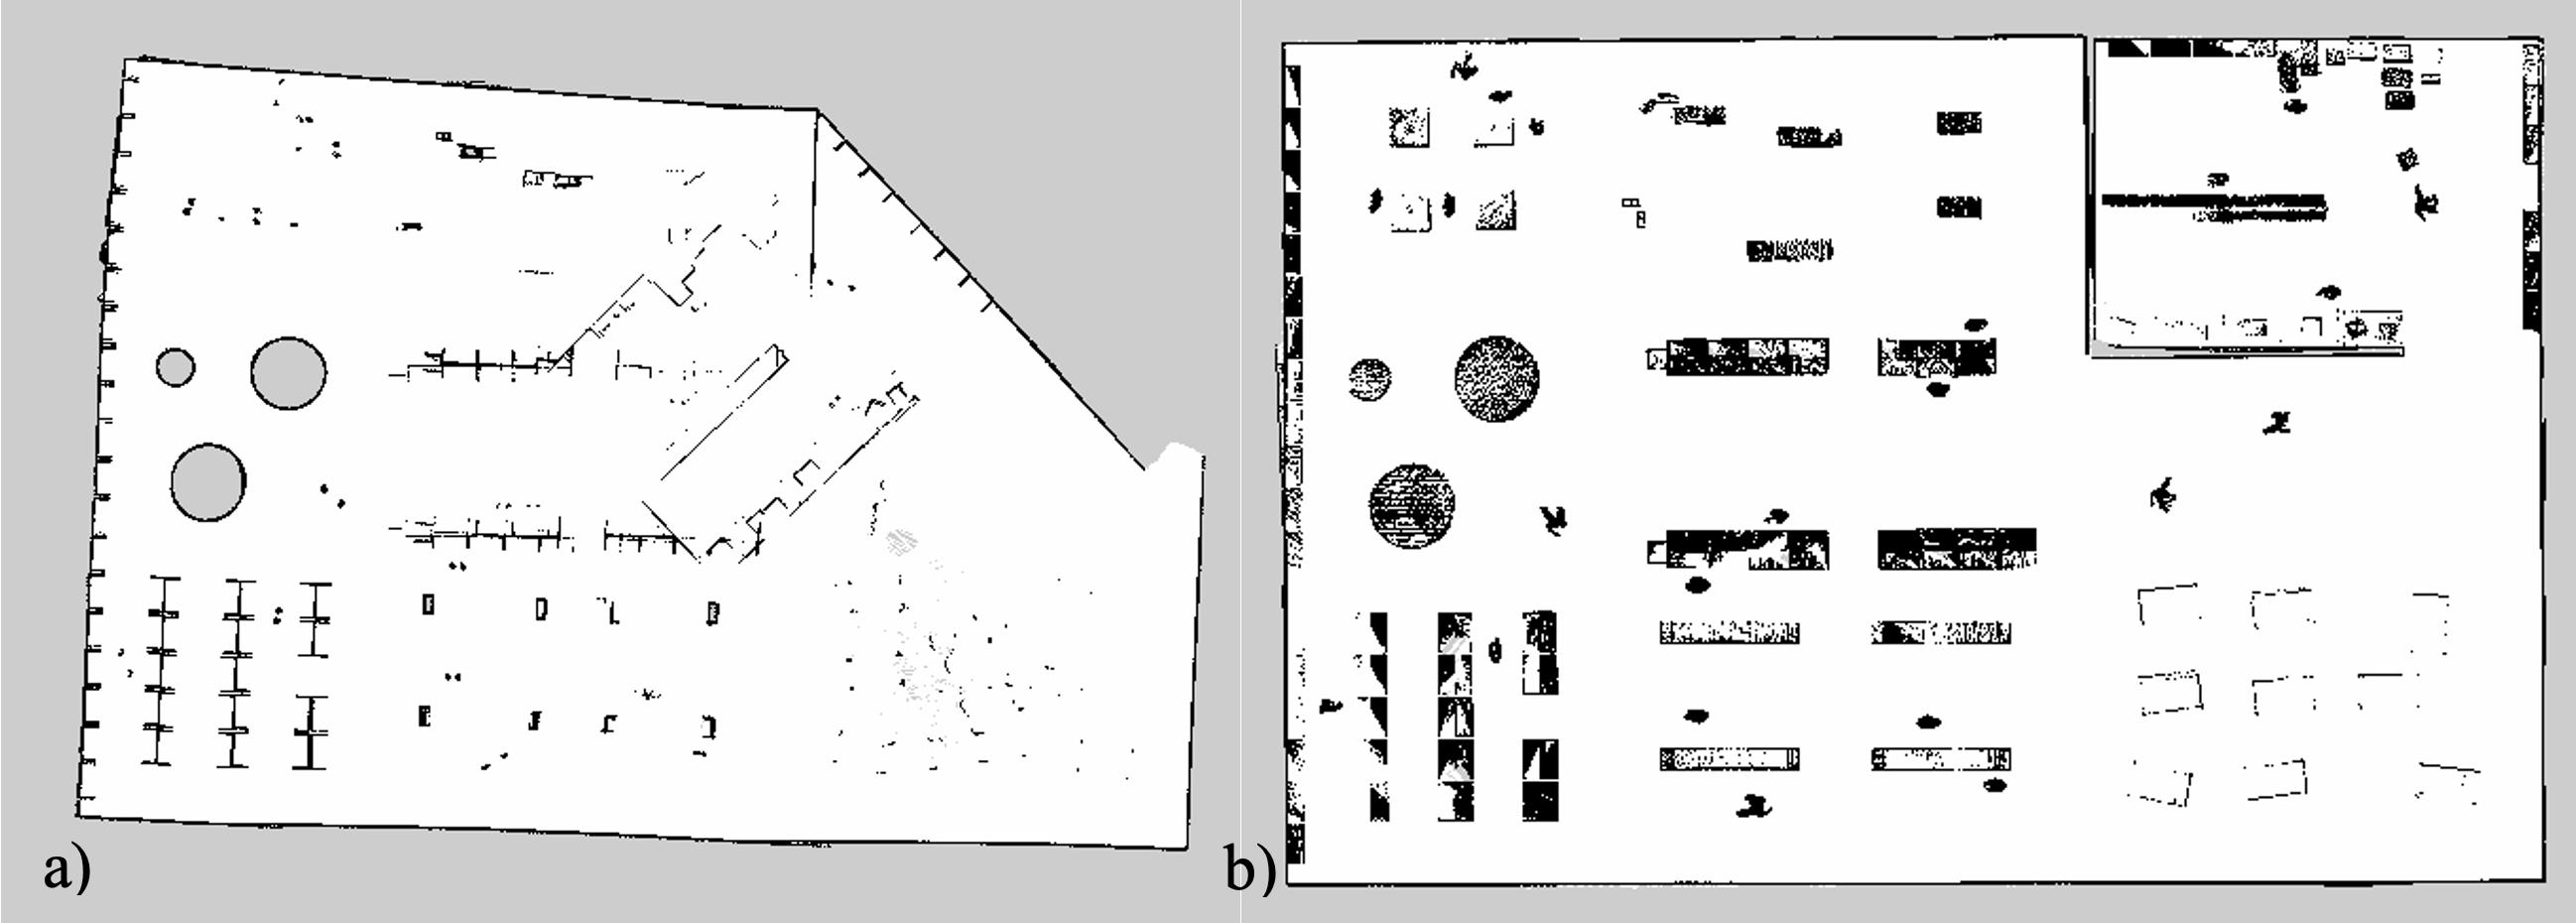 Рисунок 7 – карта симуляции построенная по лидару а) Gmapping b) Rtabmap